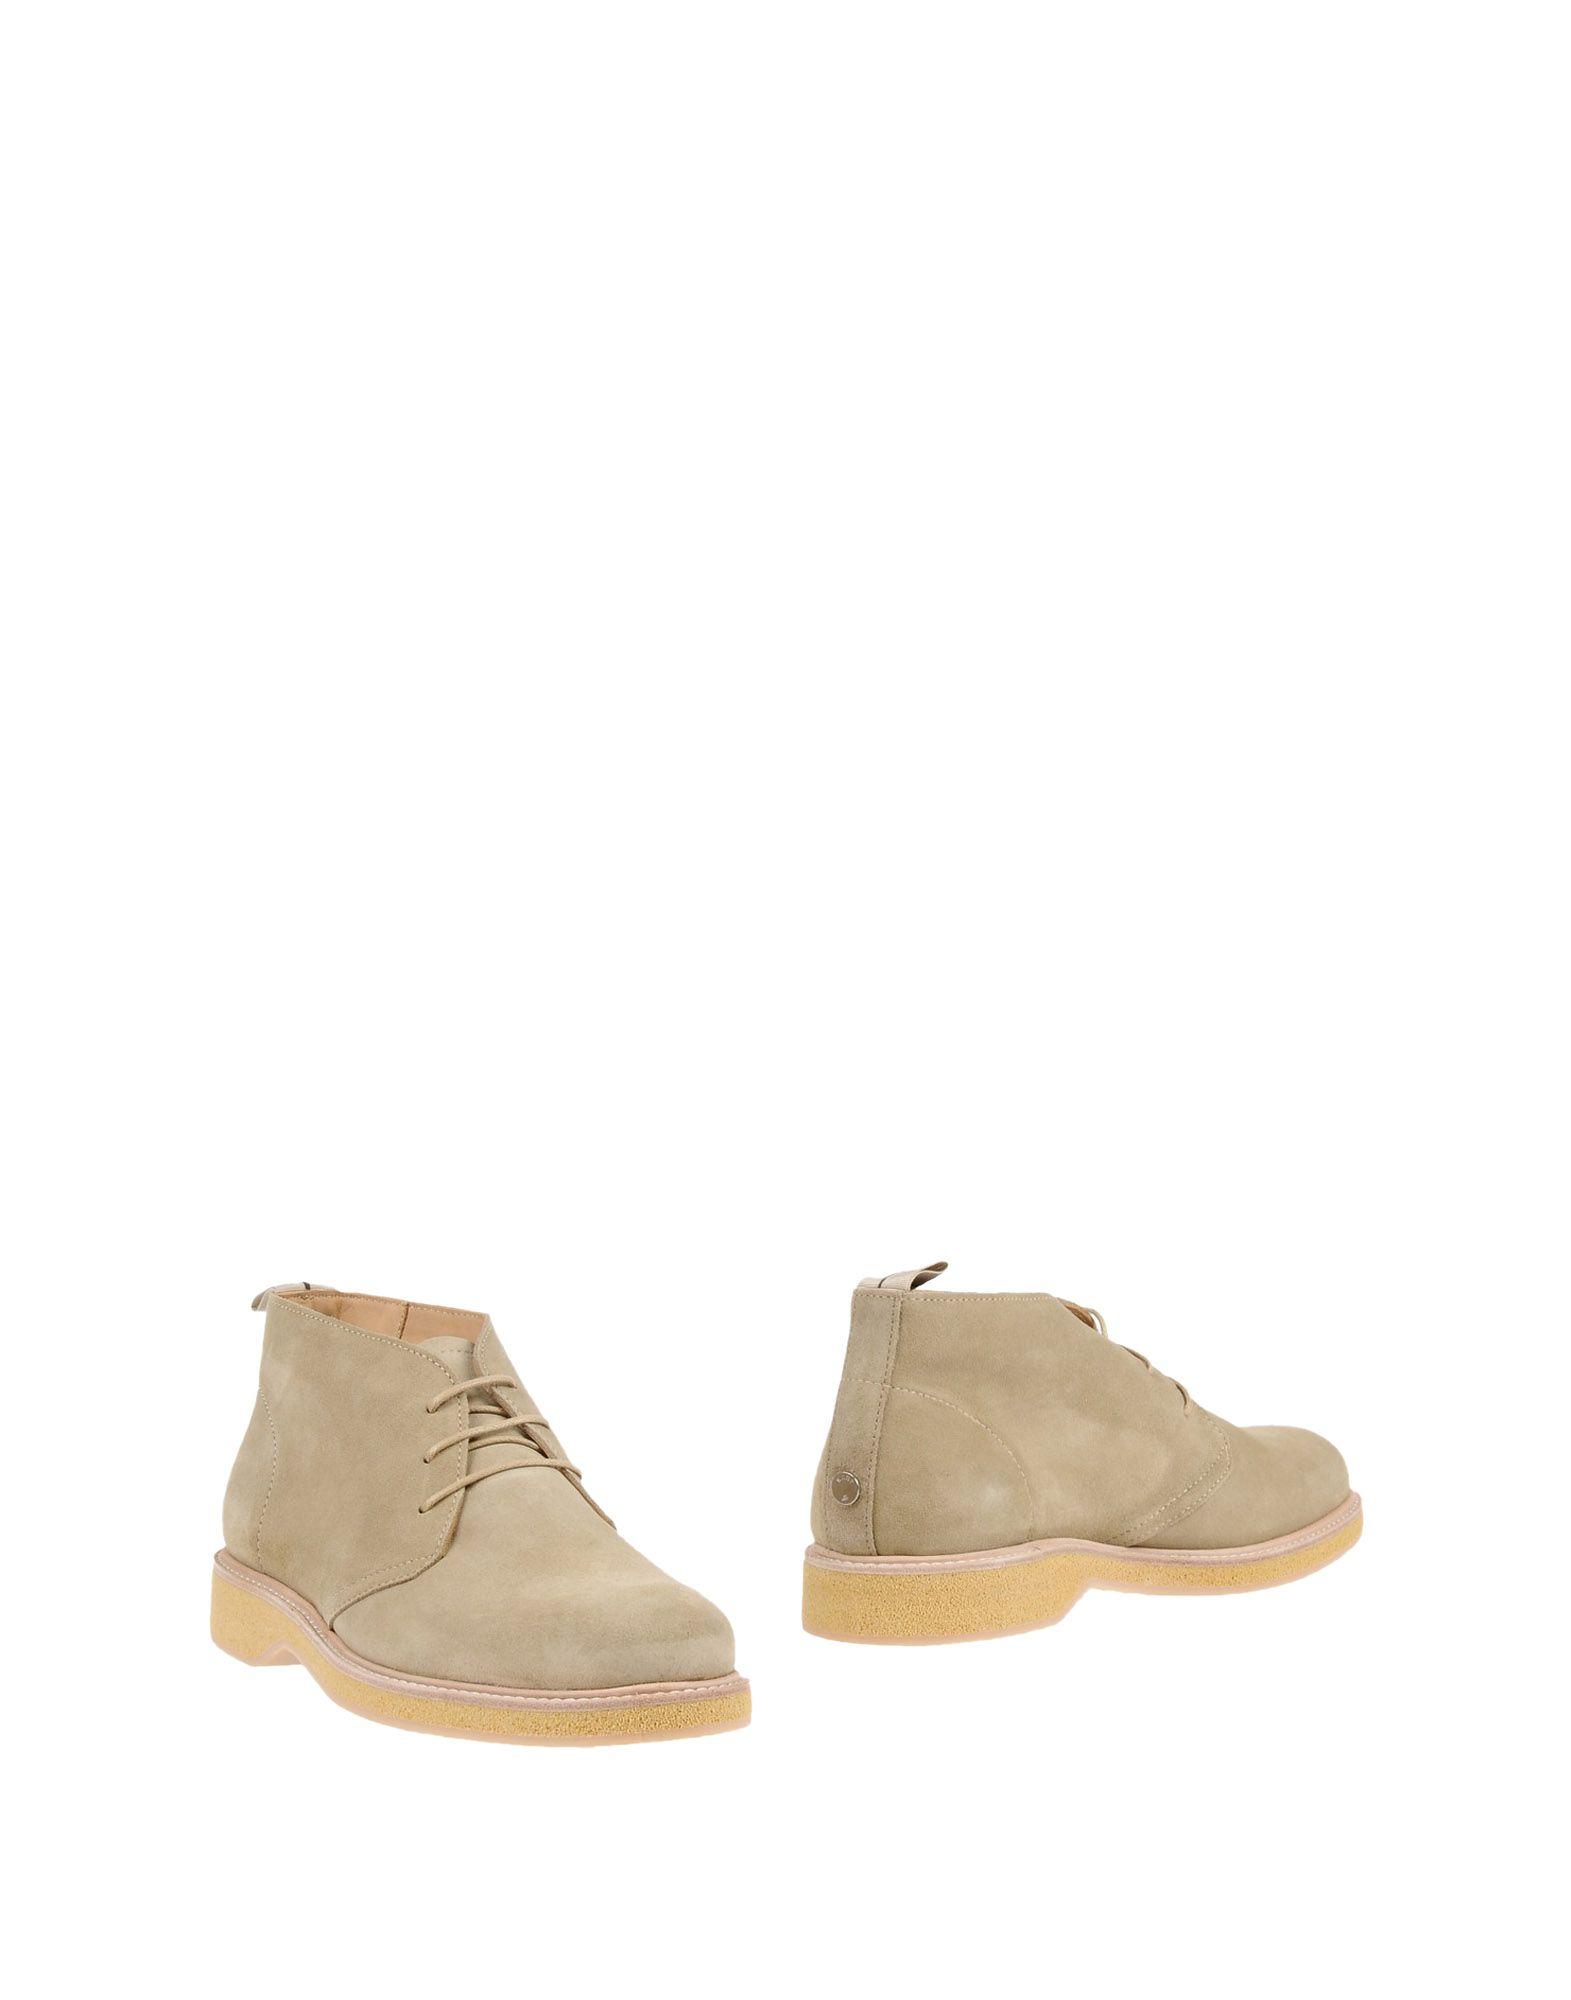 WANT LES ESSENTIELS DE LA VIE Полусапоги и высокие ботинки d s de полусапоги и высокие ботинки